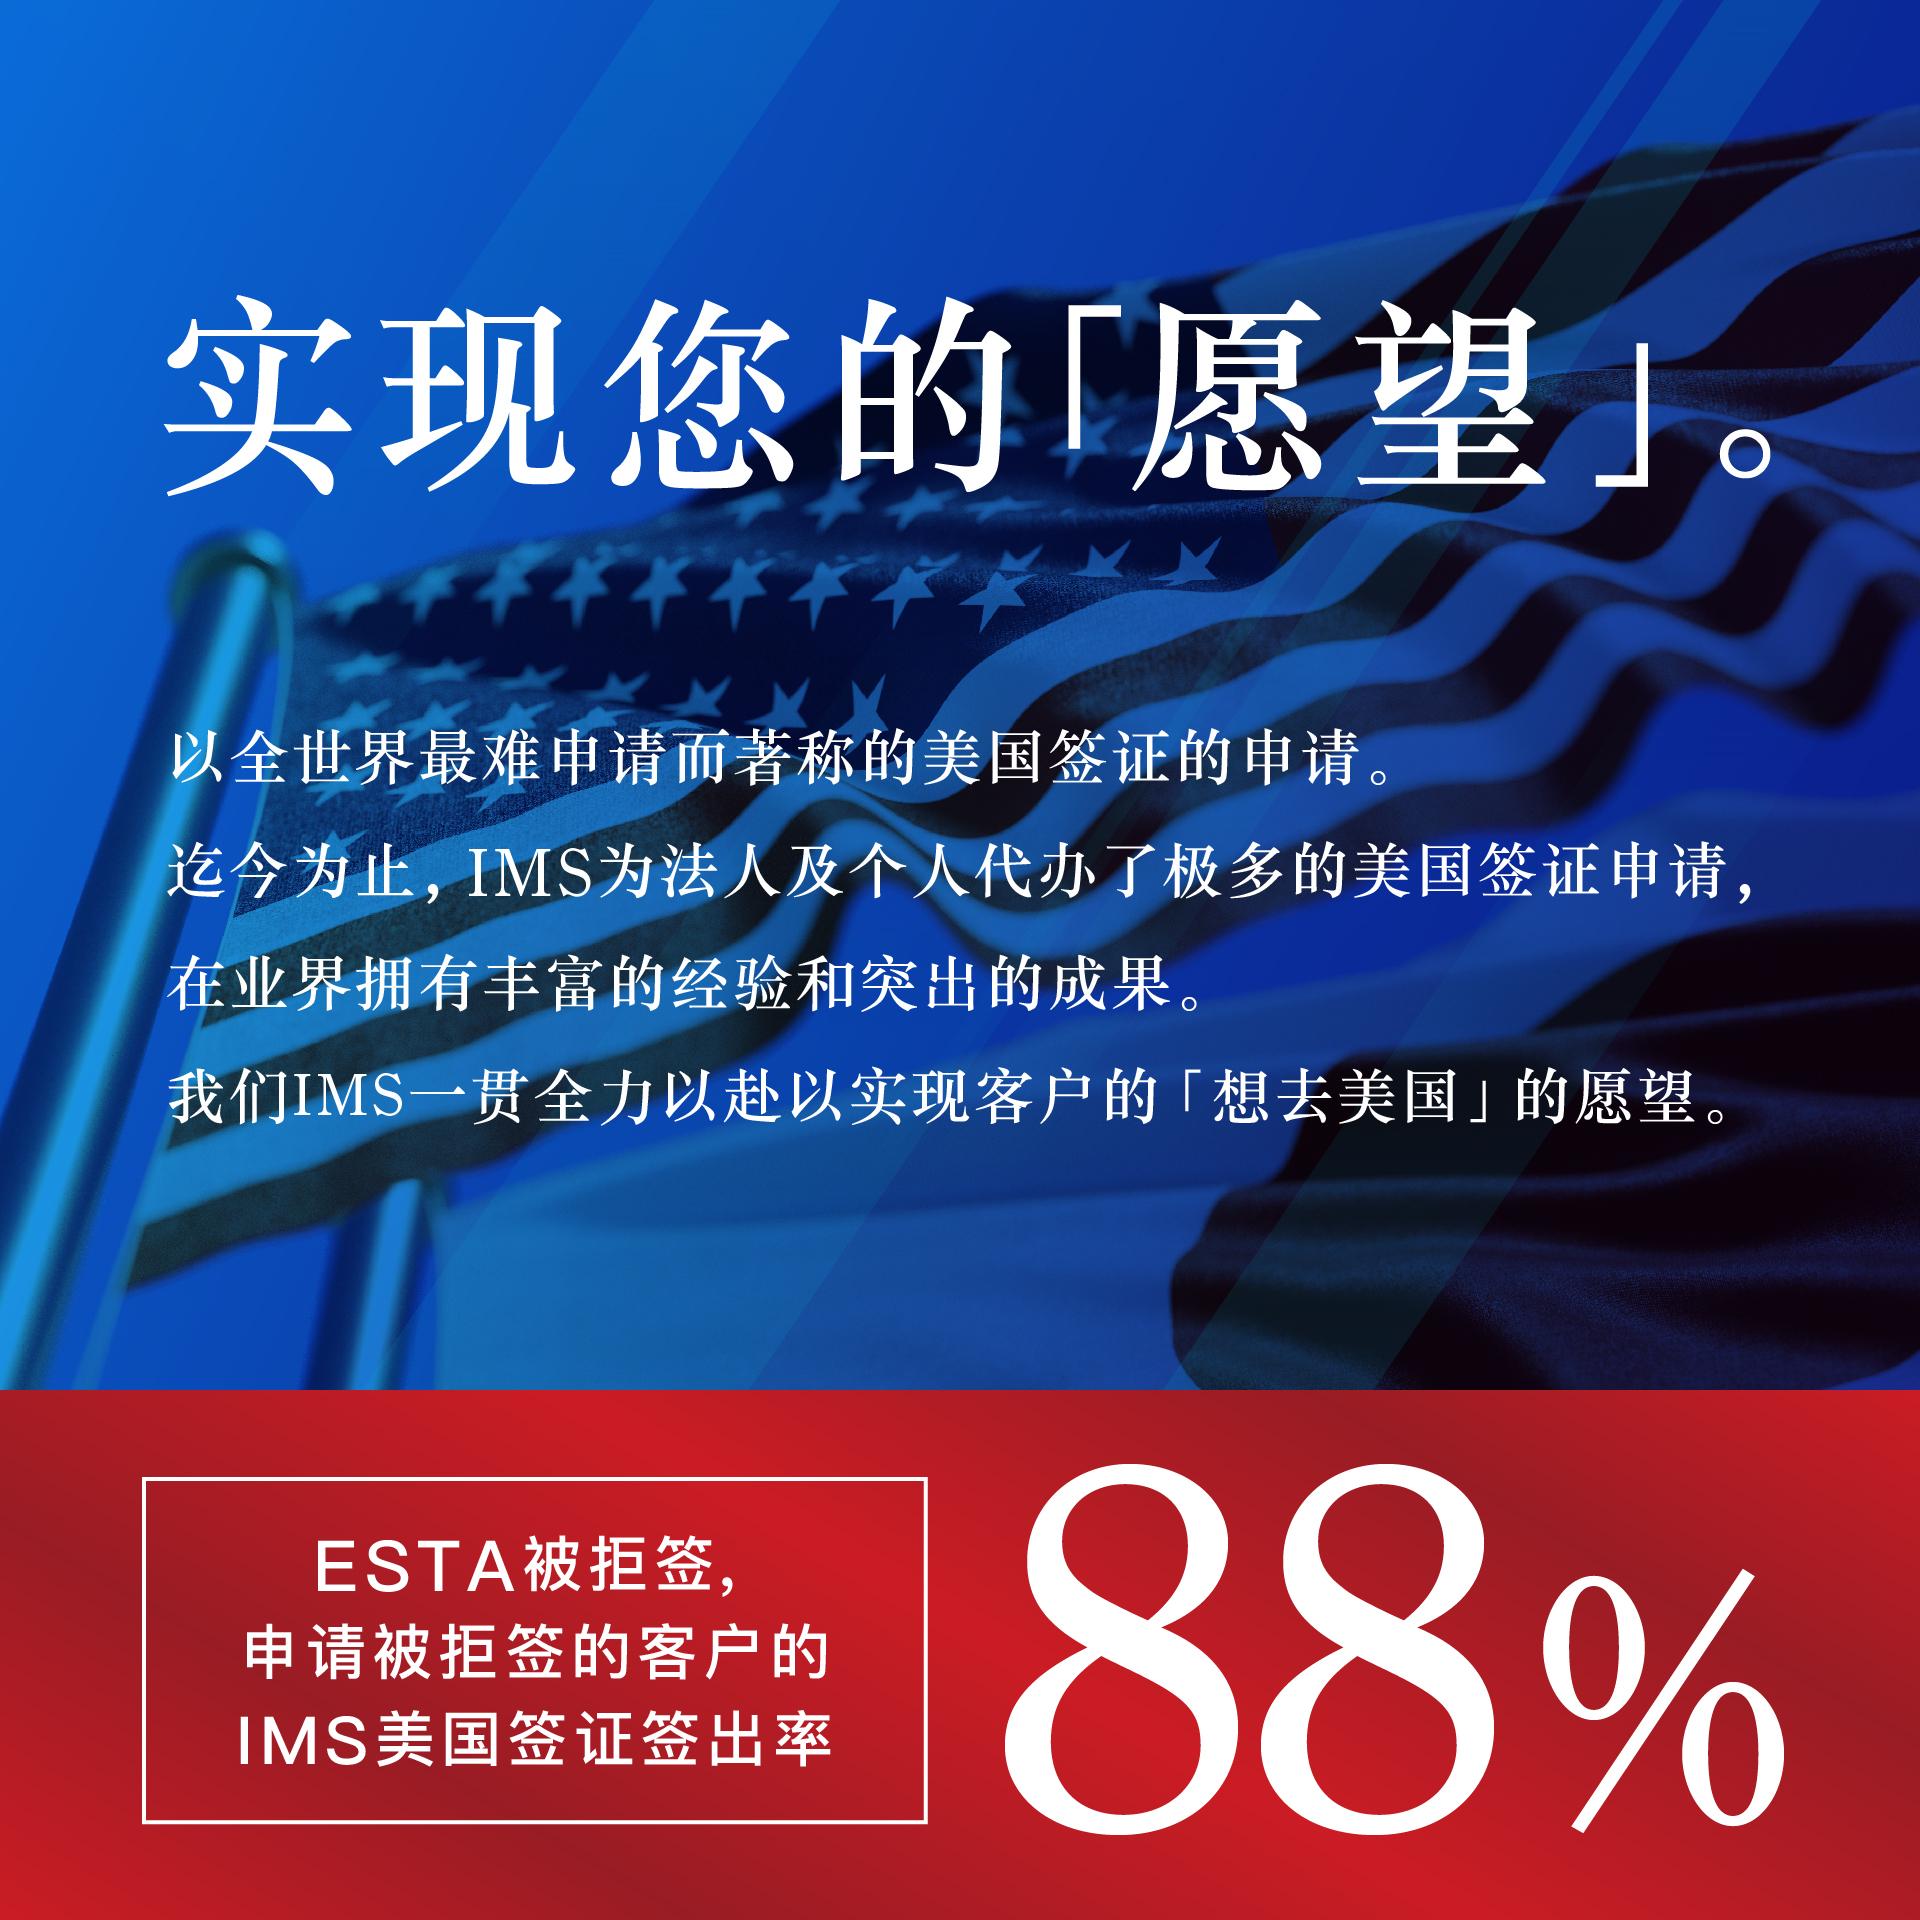 ESTA被拒绝,申请被拒签的客户的美国签证签出率高达88%